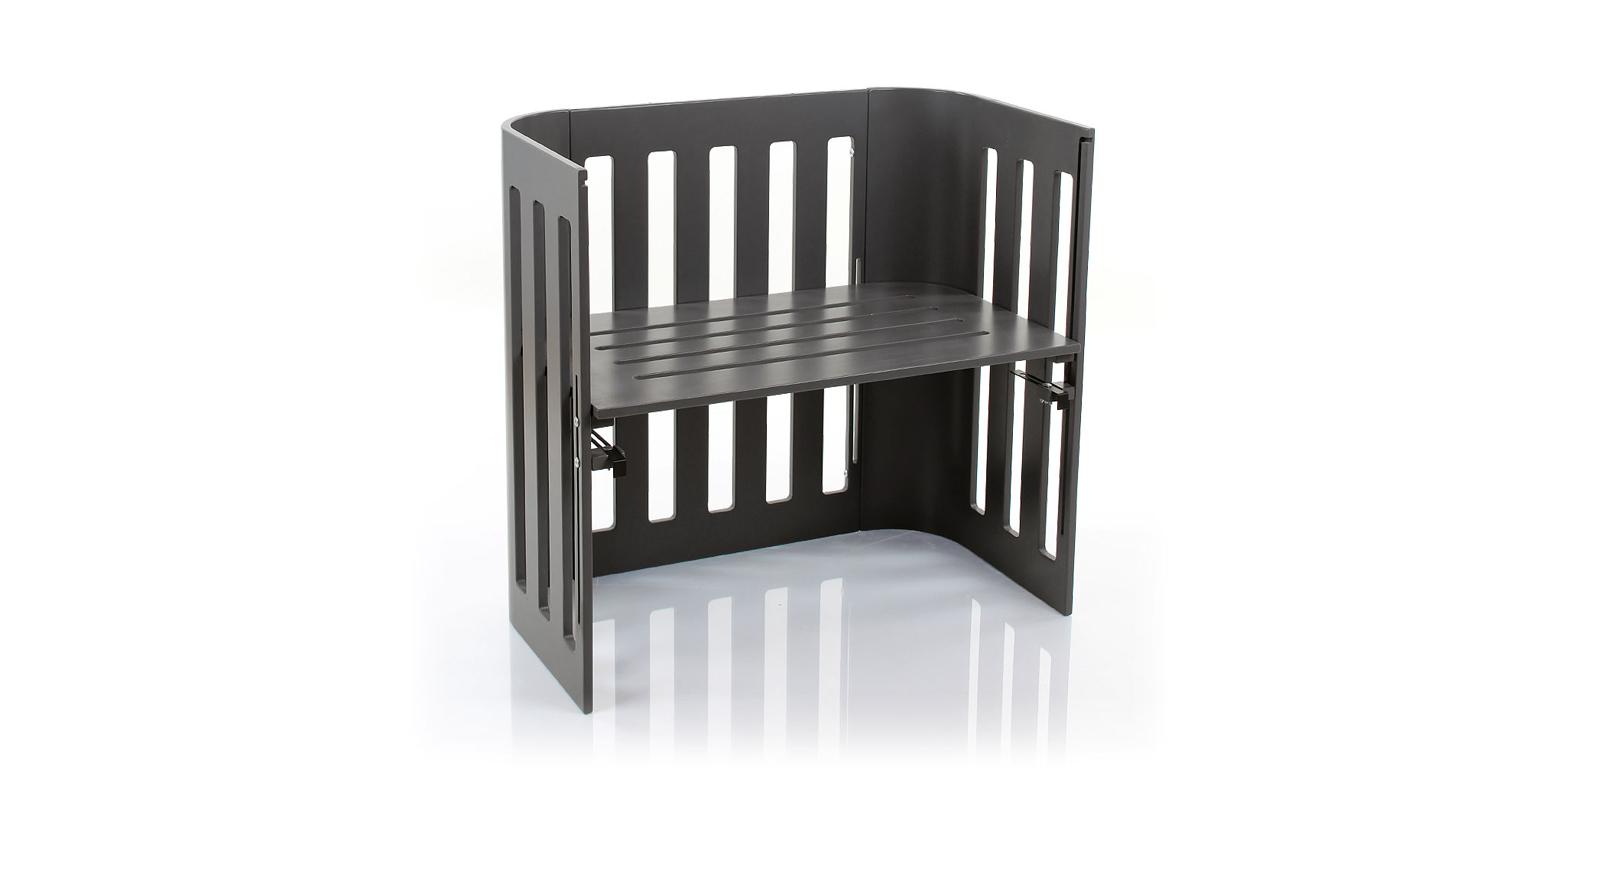 Beistellbett BabyBay Trend in Grau mit bester Luftzirkulation